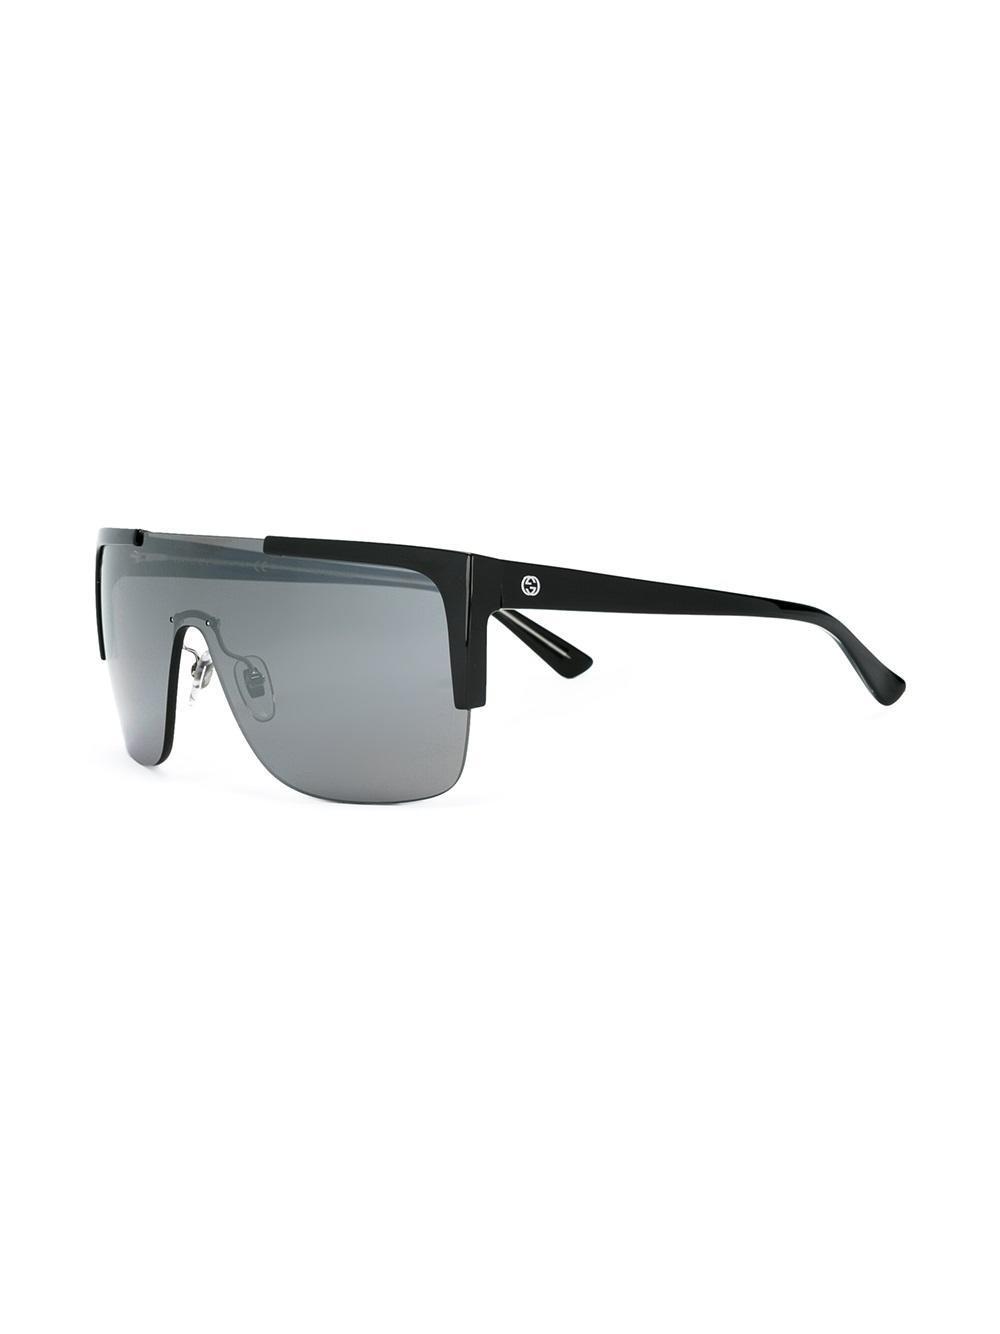 e2eb240f70 Lyst - Gucci Oversized Sunglasses in Black for Men